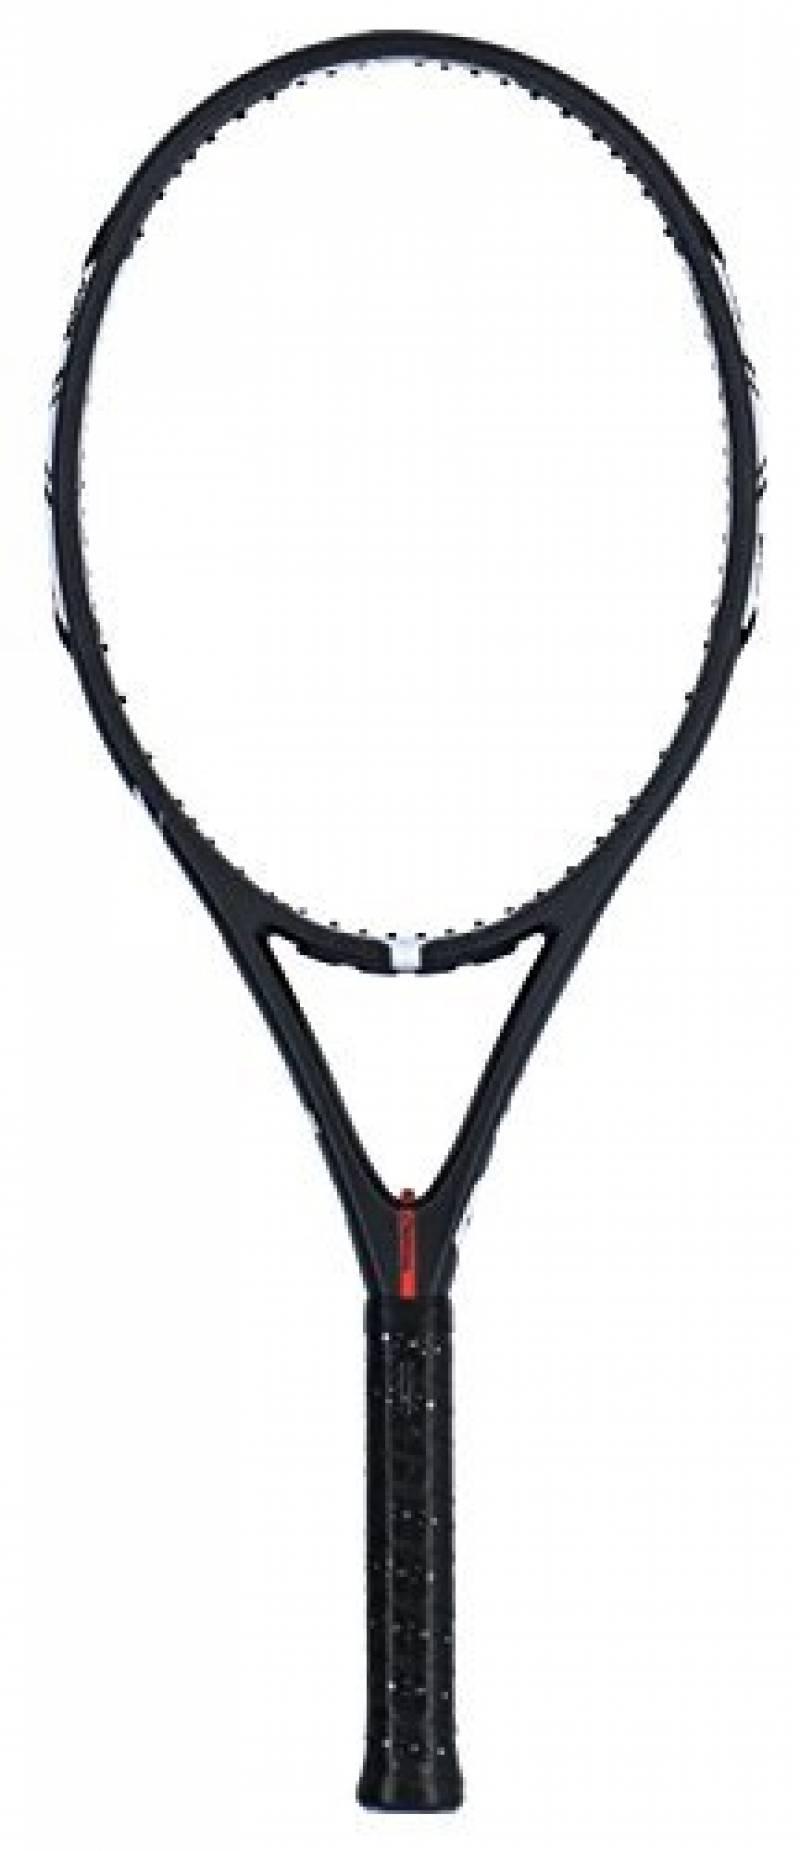 Volkl Super G 3Raquette de tennis noir Noir de la marque Volkl TOP 1 image 0 produit